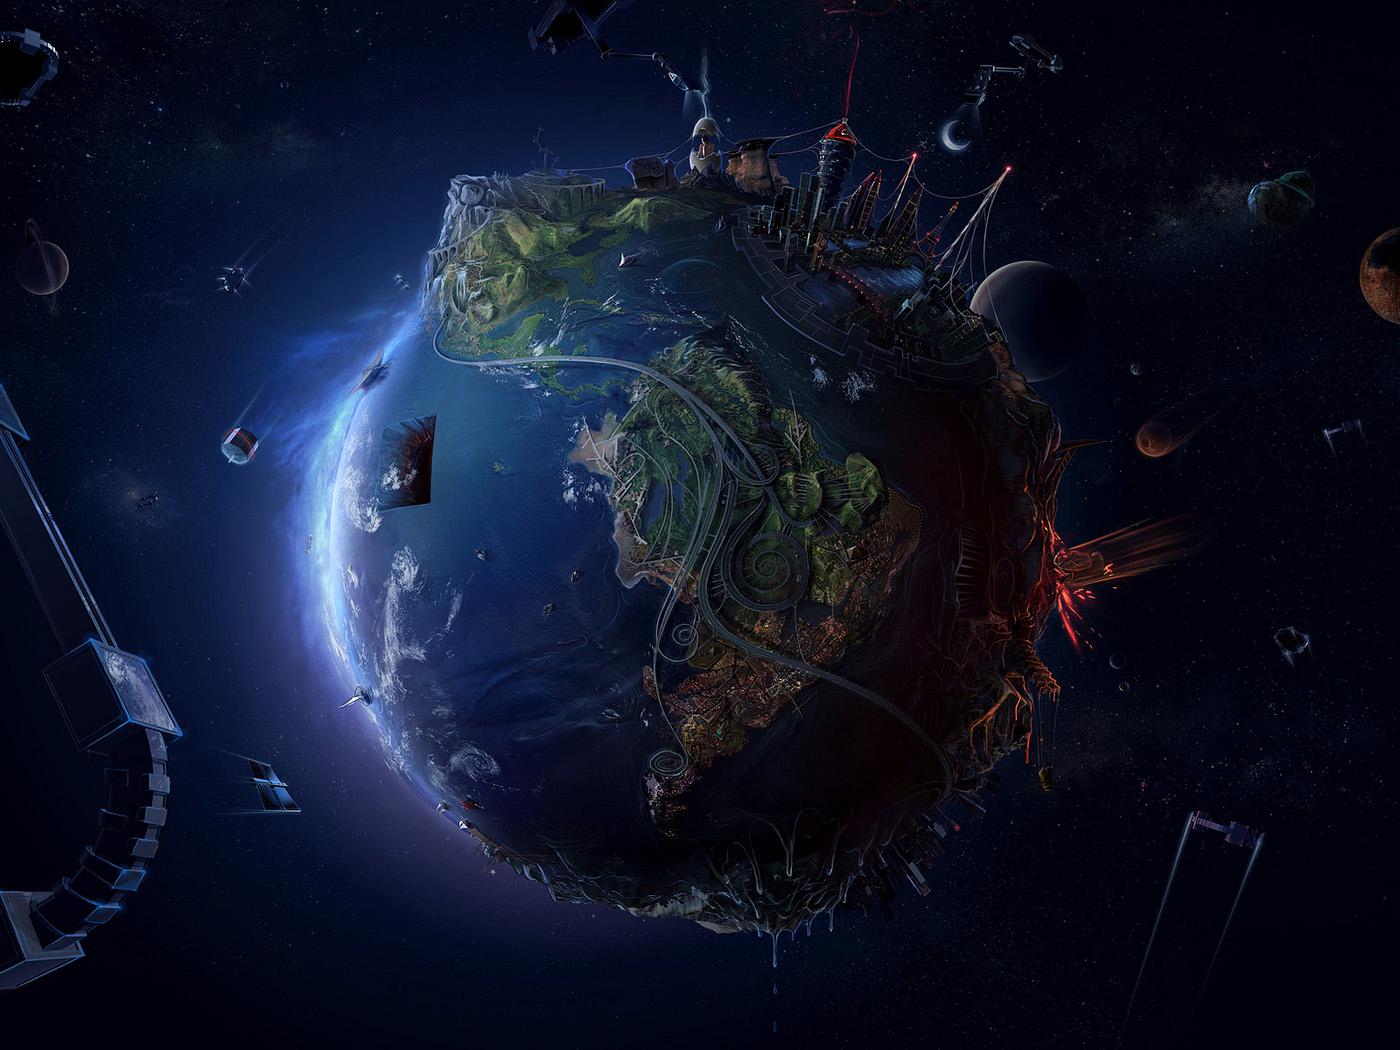 วิวัฒนาการของโลก